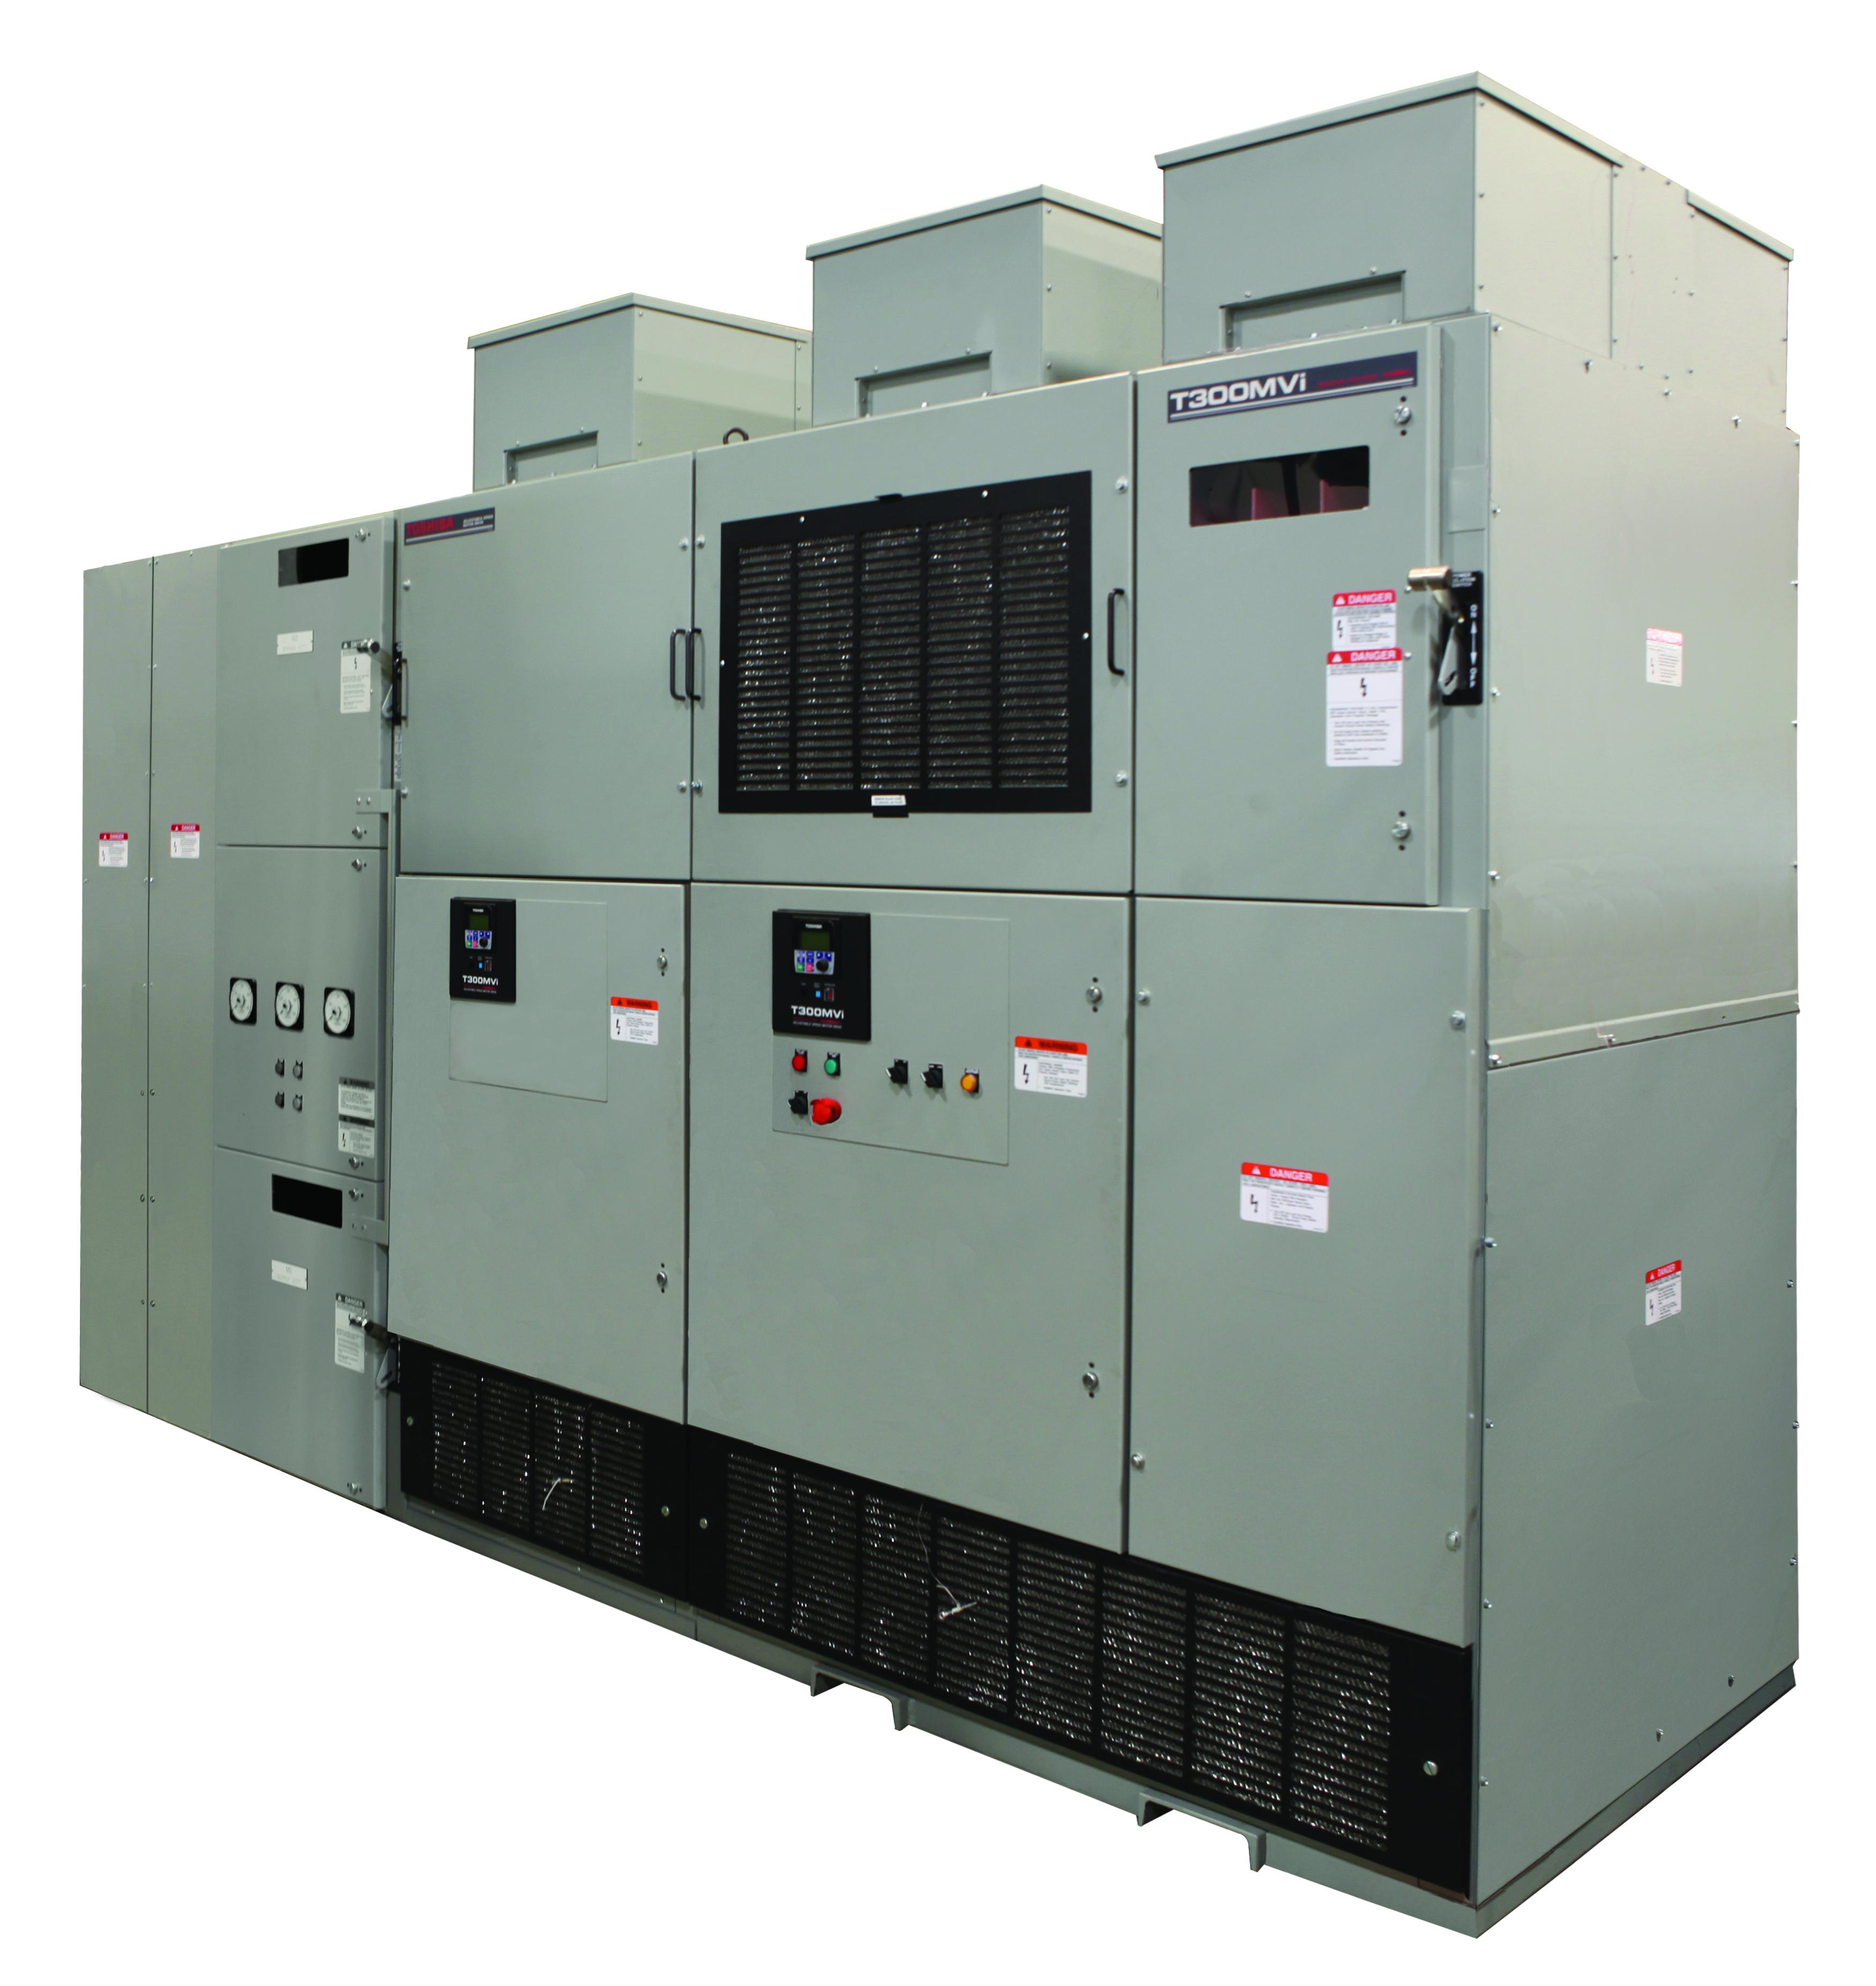 Medium Voltage Tester : T mvi regen motors drives toshiba international